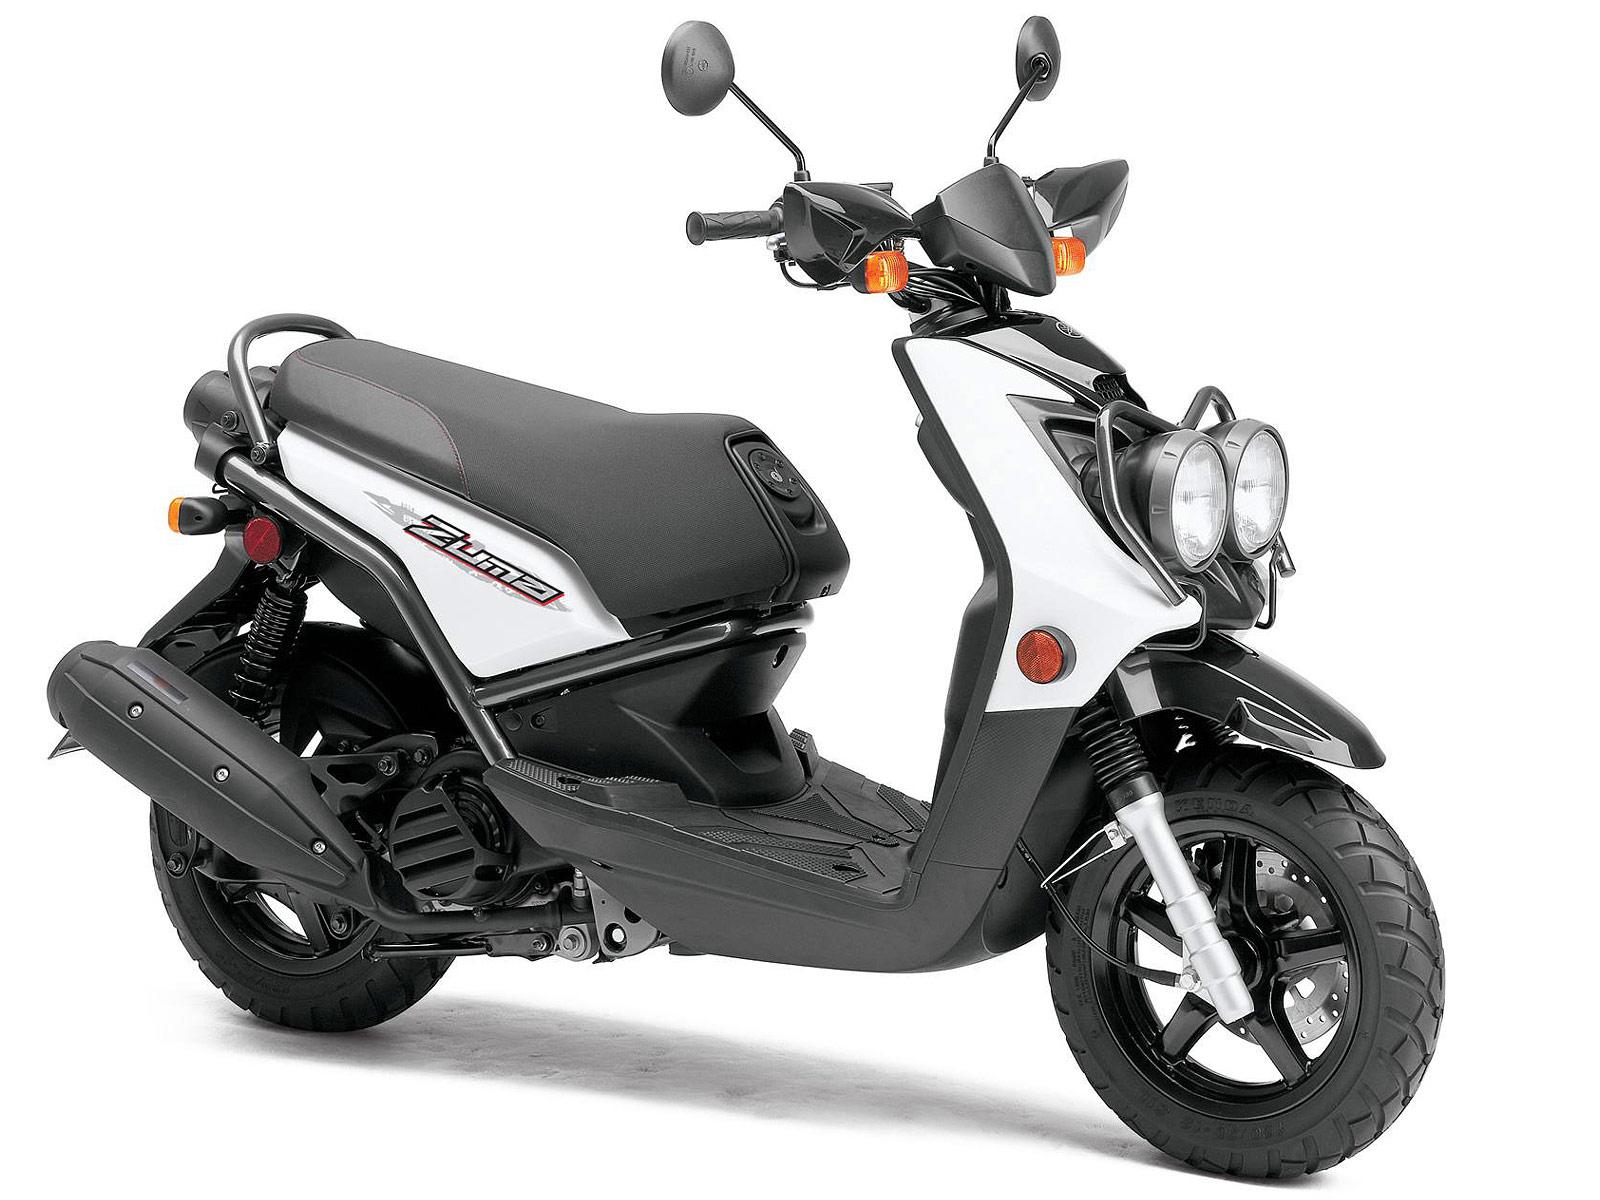 http://3.bp.blogspot.com/-Uhafb_lwyQg/T4bUxBcTapI/AAAAAAAAMkk/SEdbFtpFTmU/s1600/2012-Yamaha-Zuma-125_scooter-pictures_4.jpg